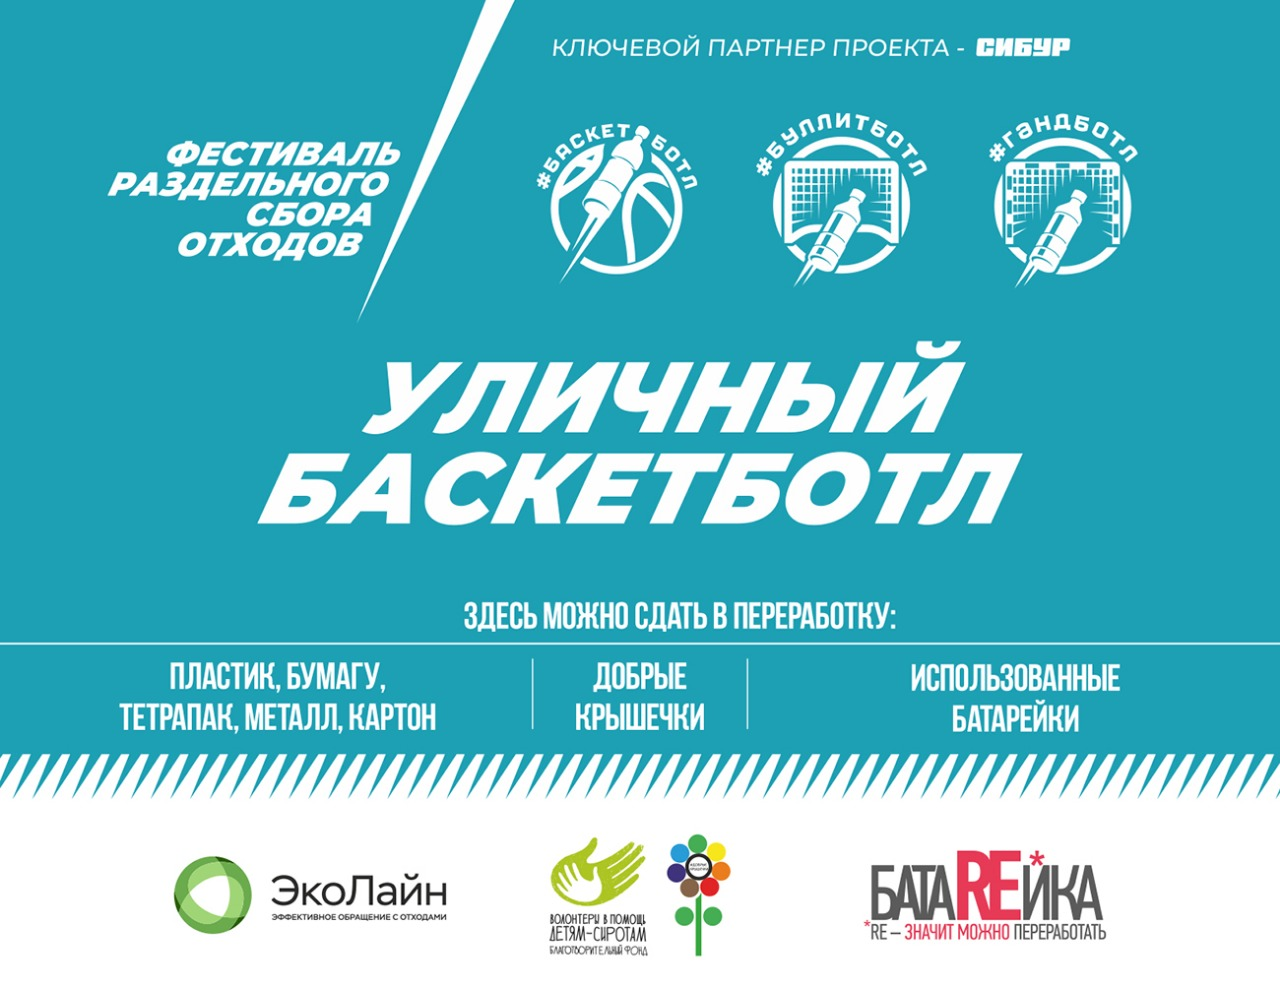 На финальных матчах Единой Лиги ВТБ пройдет экологический фестиваль УЛИЧНЫЙ БАСКЕТБОТЛ